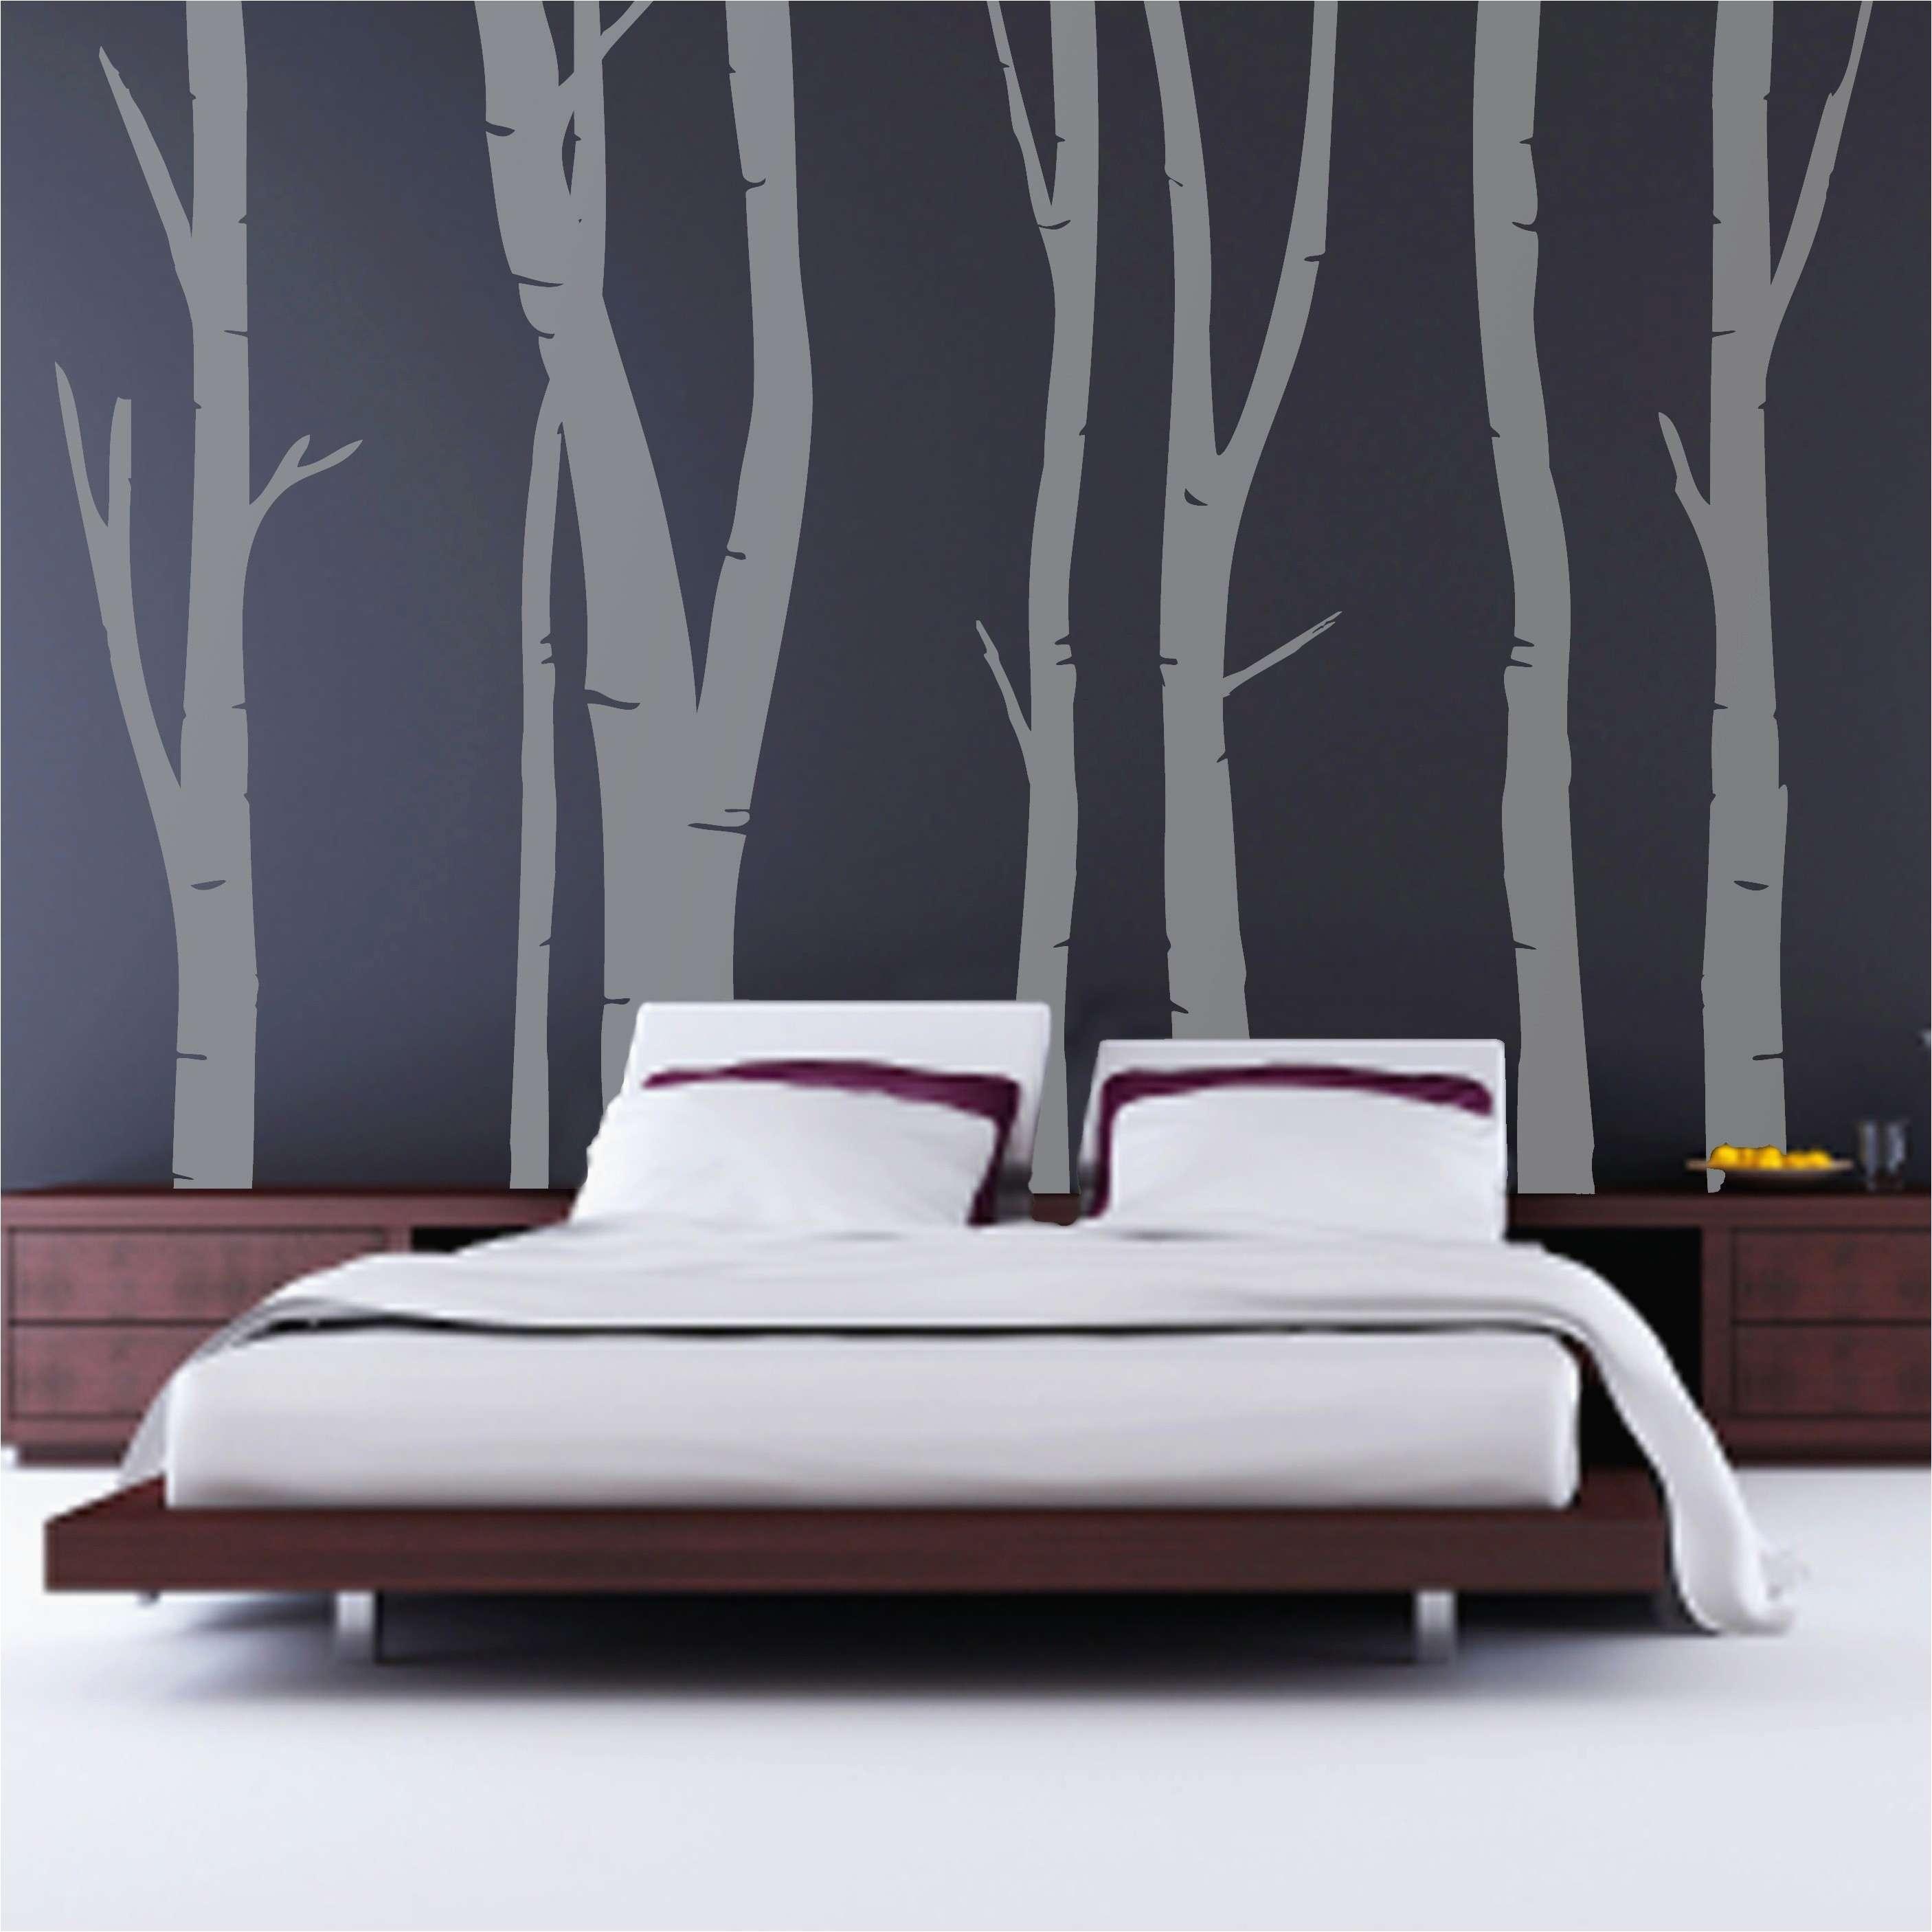 best home clipart fresh kitchen light cover best 1 kirkland wall decor home design 0d design